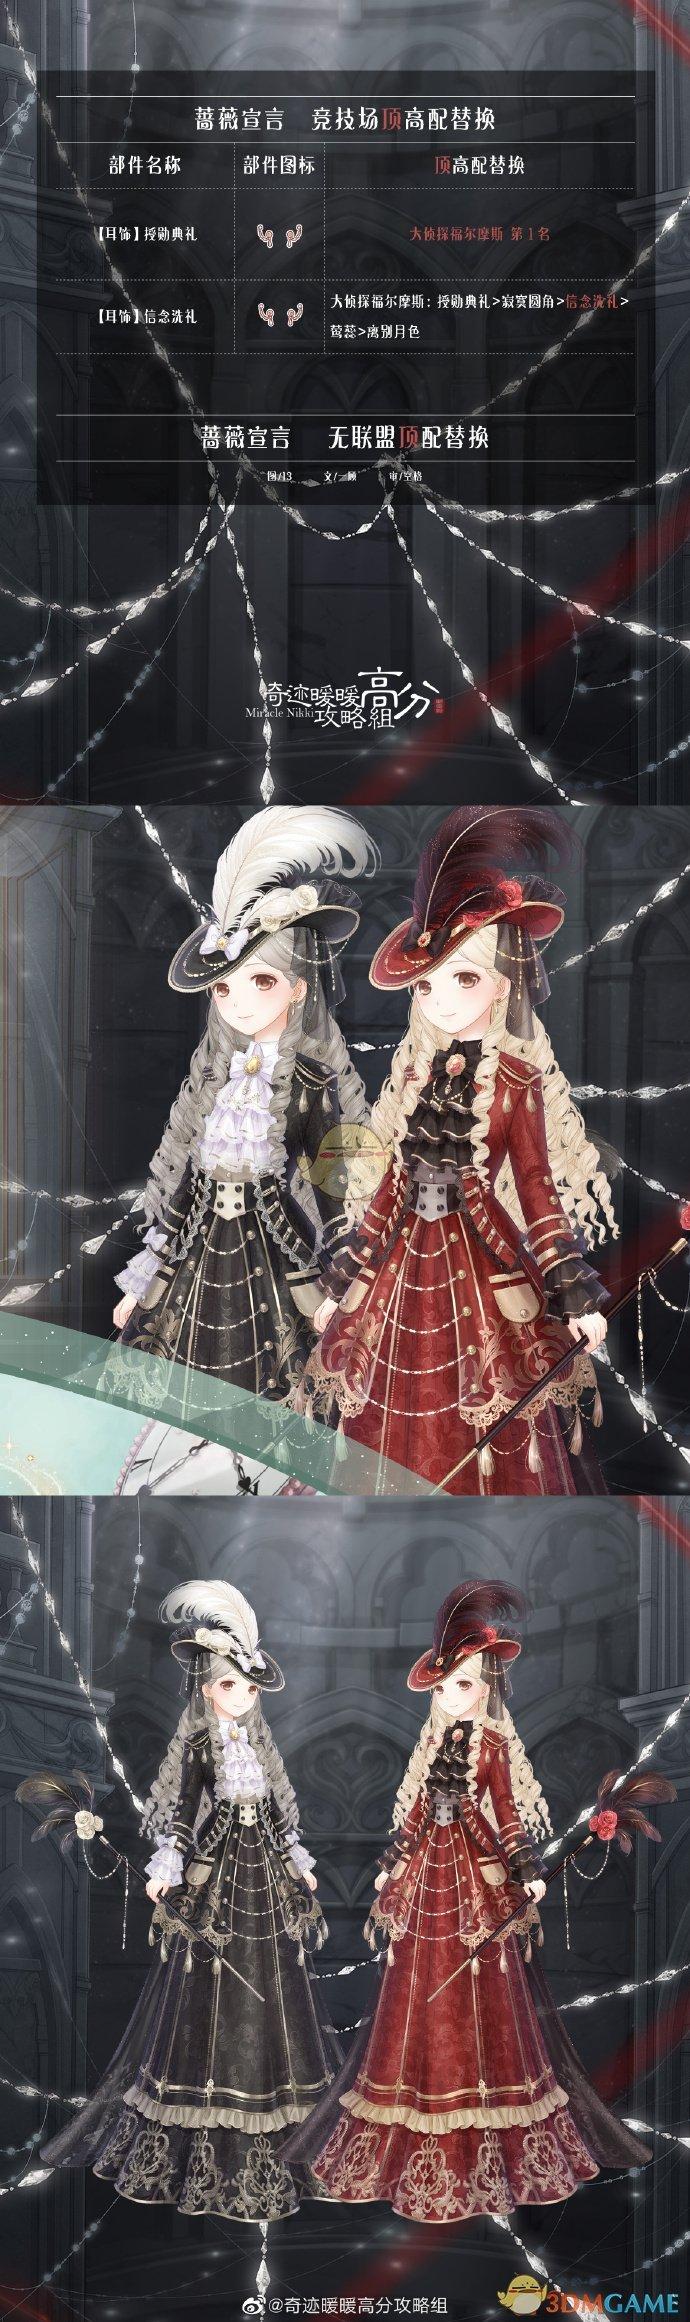 《奇迹暖暖》蔷薇宣言套装高分搭配攻略介绍